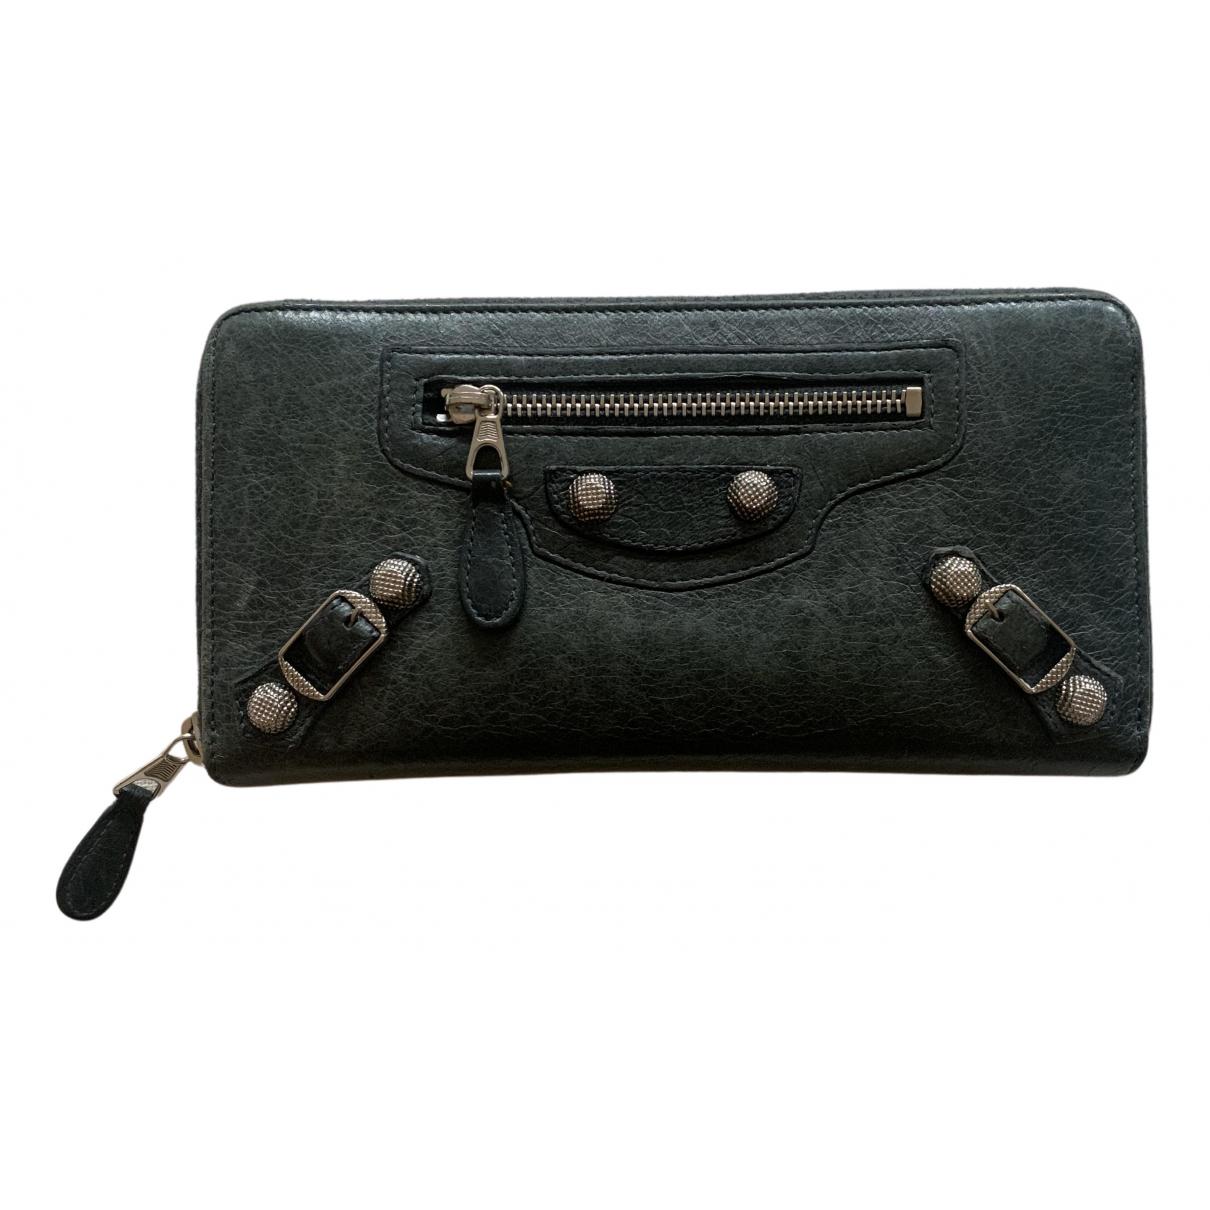 Balenciaga - Portefeuille   pour femme en cuir - anthracite